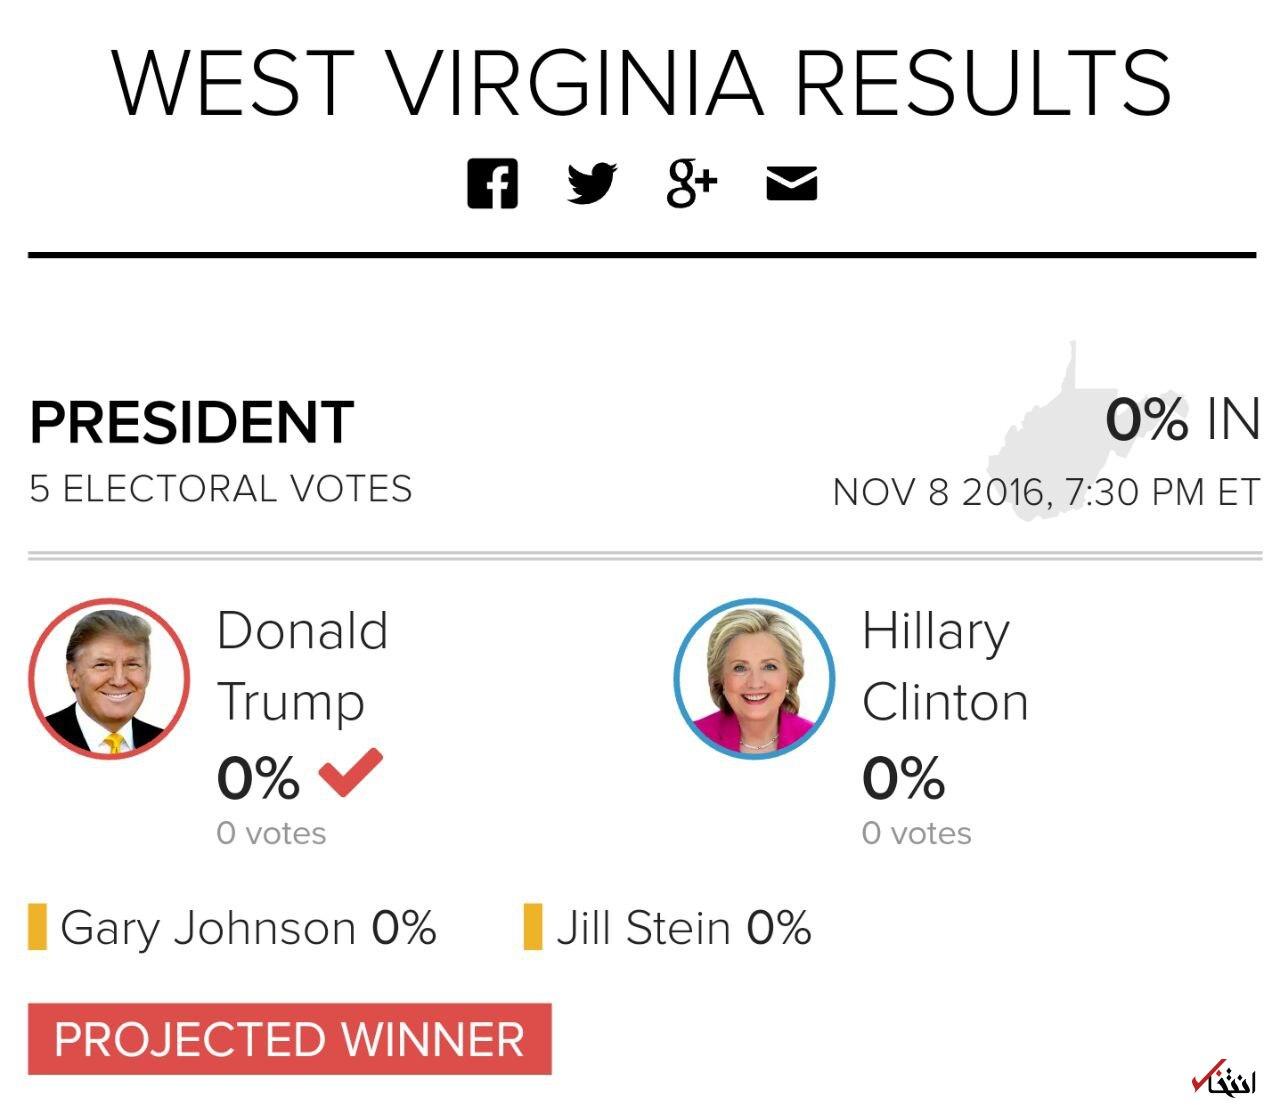 اخبار لحظه به لحظه خبرنگار «انتخاب» از نتایج انتخابات آمریکا+تصاویر / انتشار نتایج اولیه / پیروزی ترامپ در کنتاکی و ایندیانا / هیلاری ورمونت را برد/ ترامپ 24 رای الکترال و هیلاری 3 رای الکترال دارد